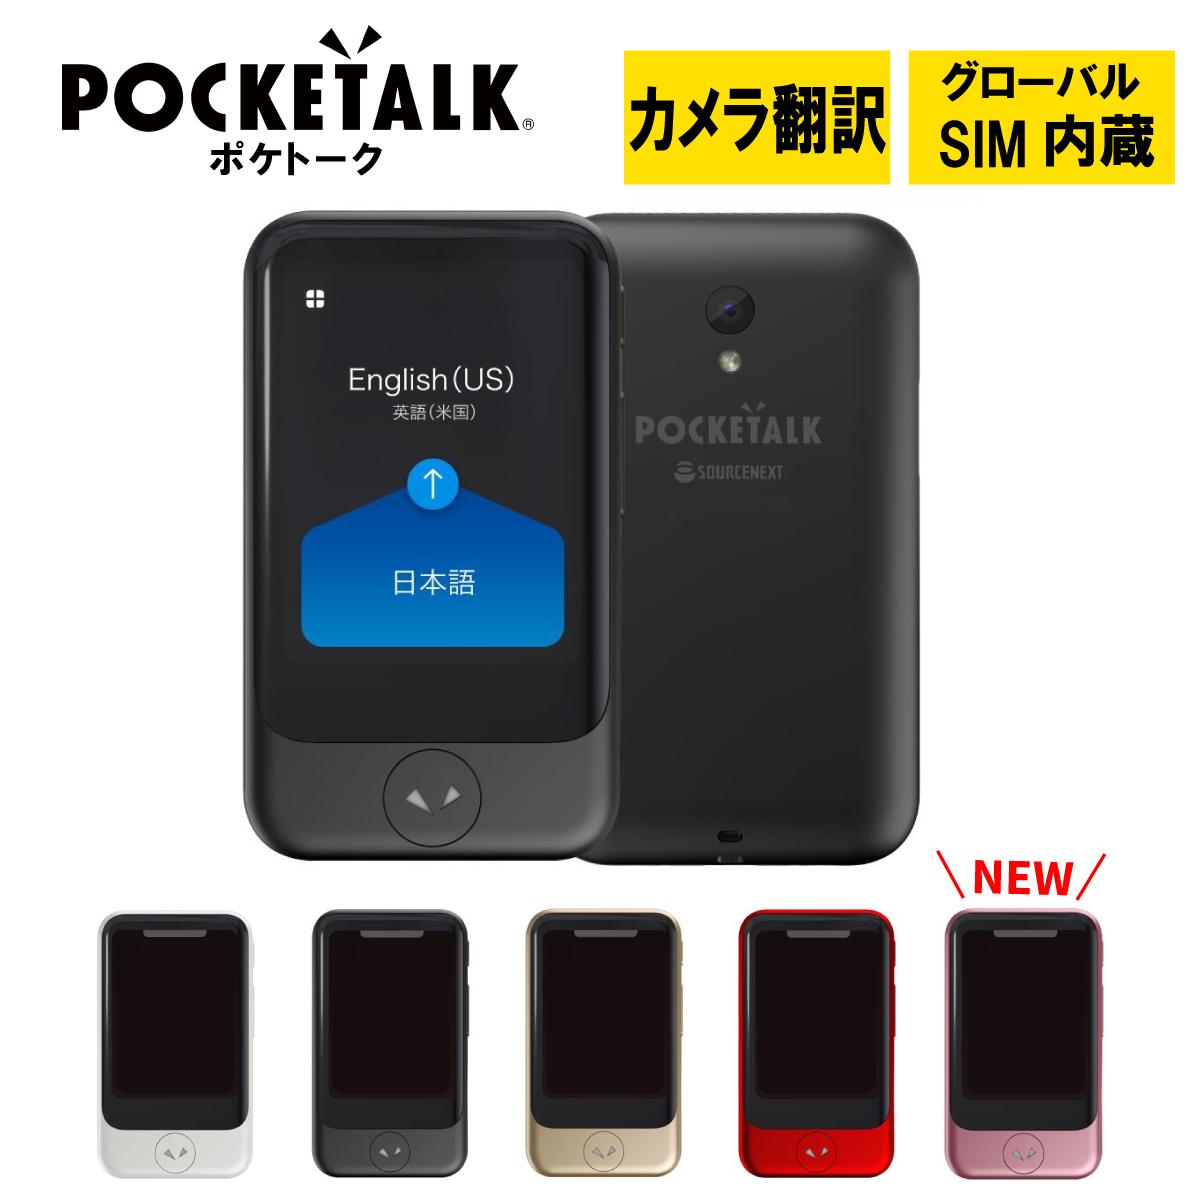 ポケトーク S 本体 ブラック 黒 PTSGK ソースネクスト POCKETALK S グローバル通信2年付き SIM内蔵モデル 音声翻訳 カメラ搭載 新型 1年保証 送料無料